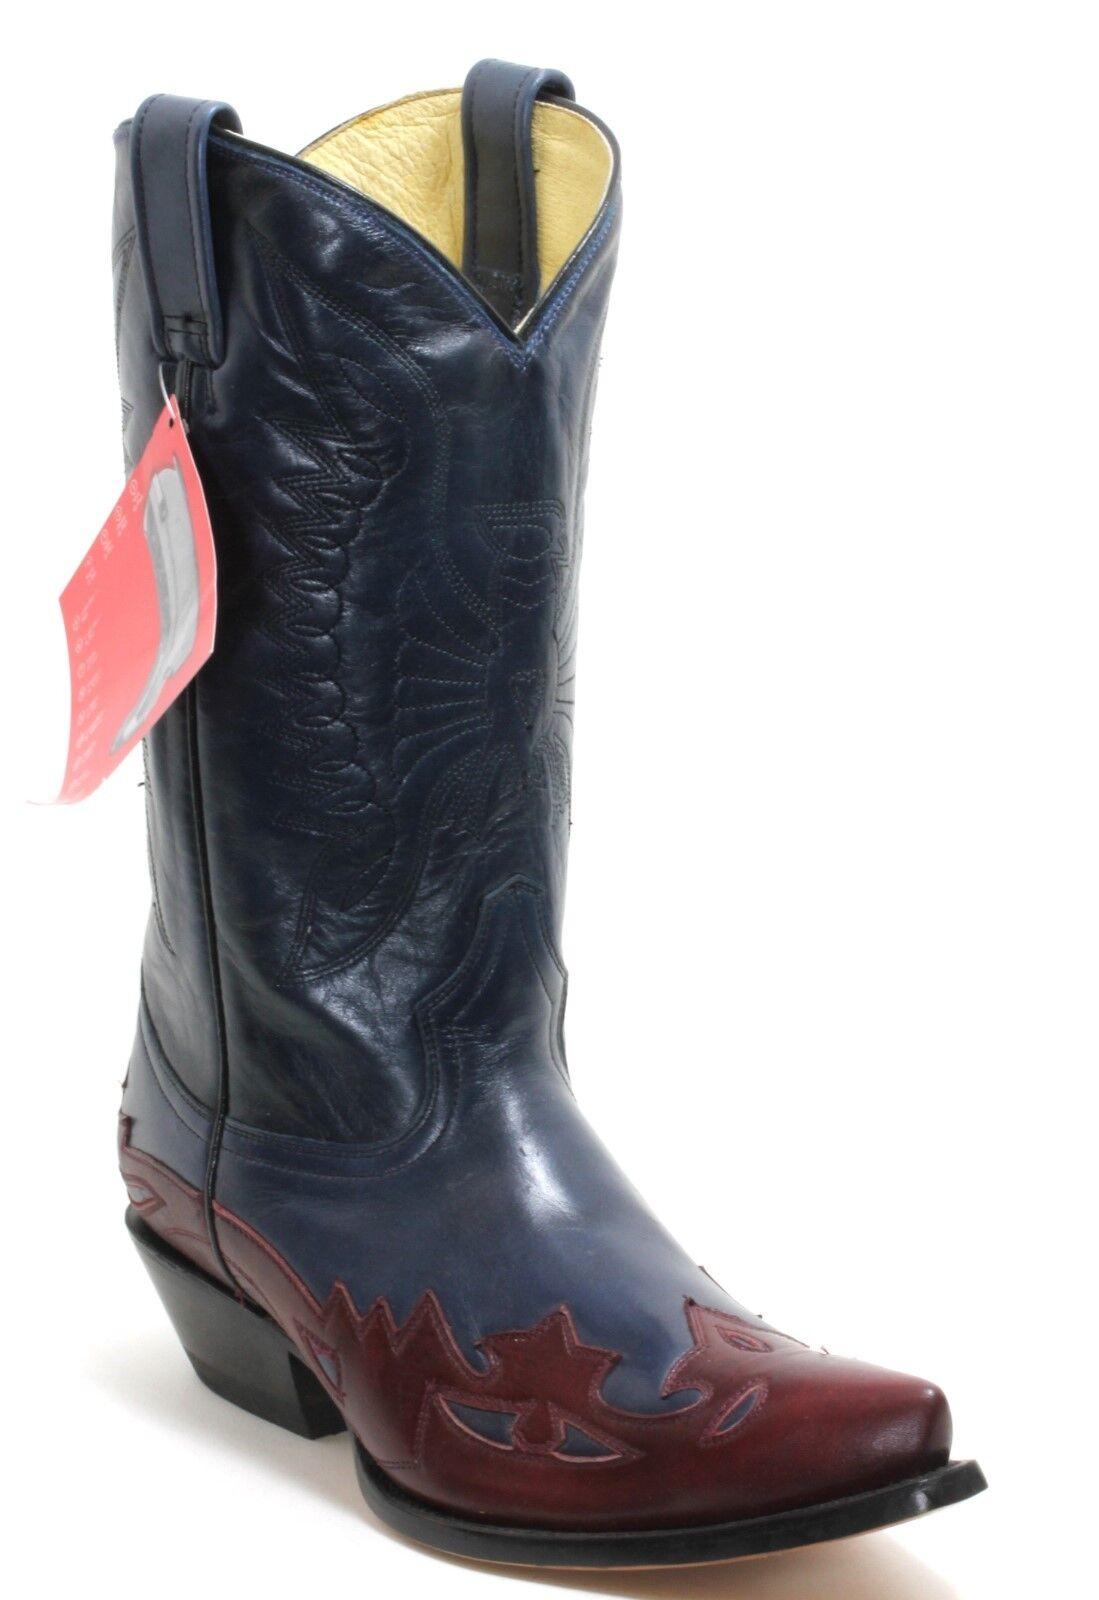 150 botas de solchaga vaquero Western botas texas botas solchaga de style American Bull 39 bb8695